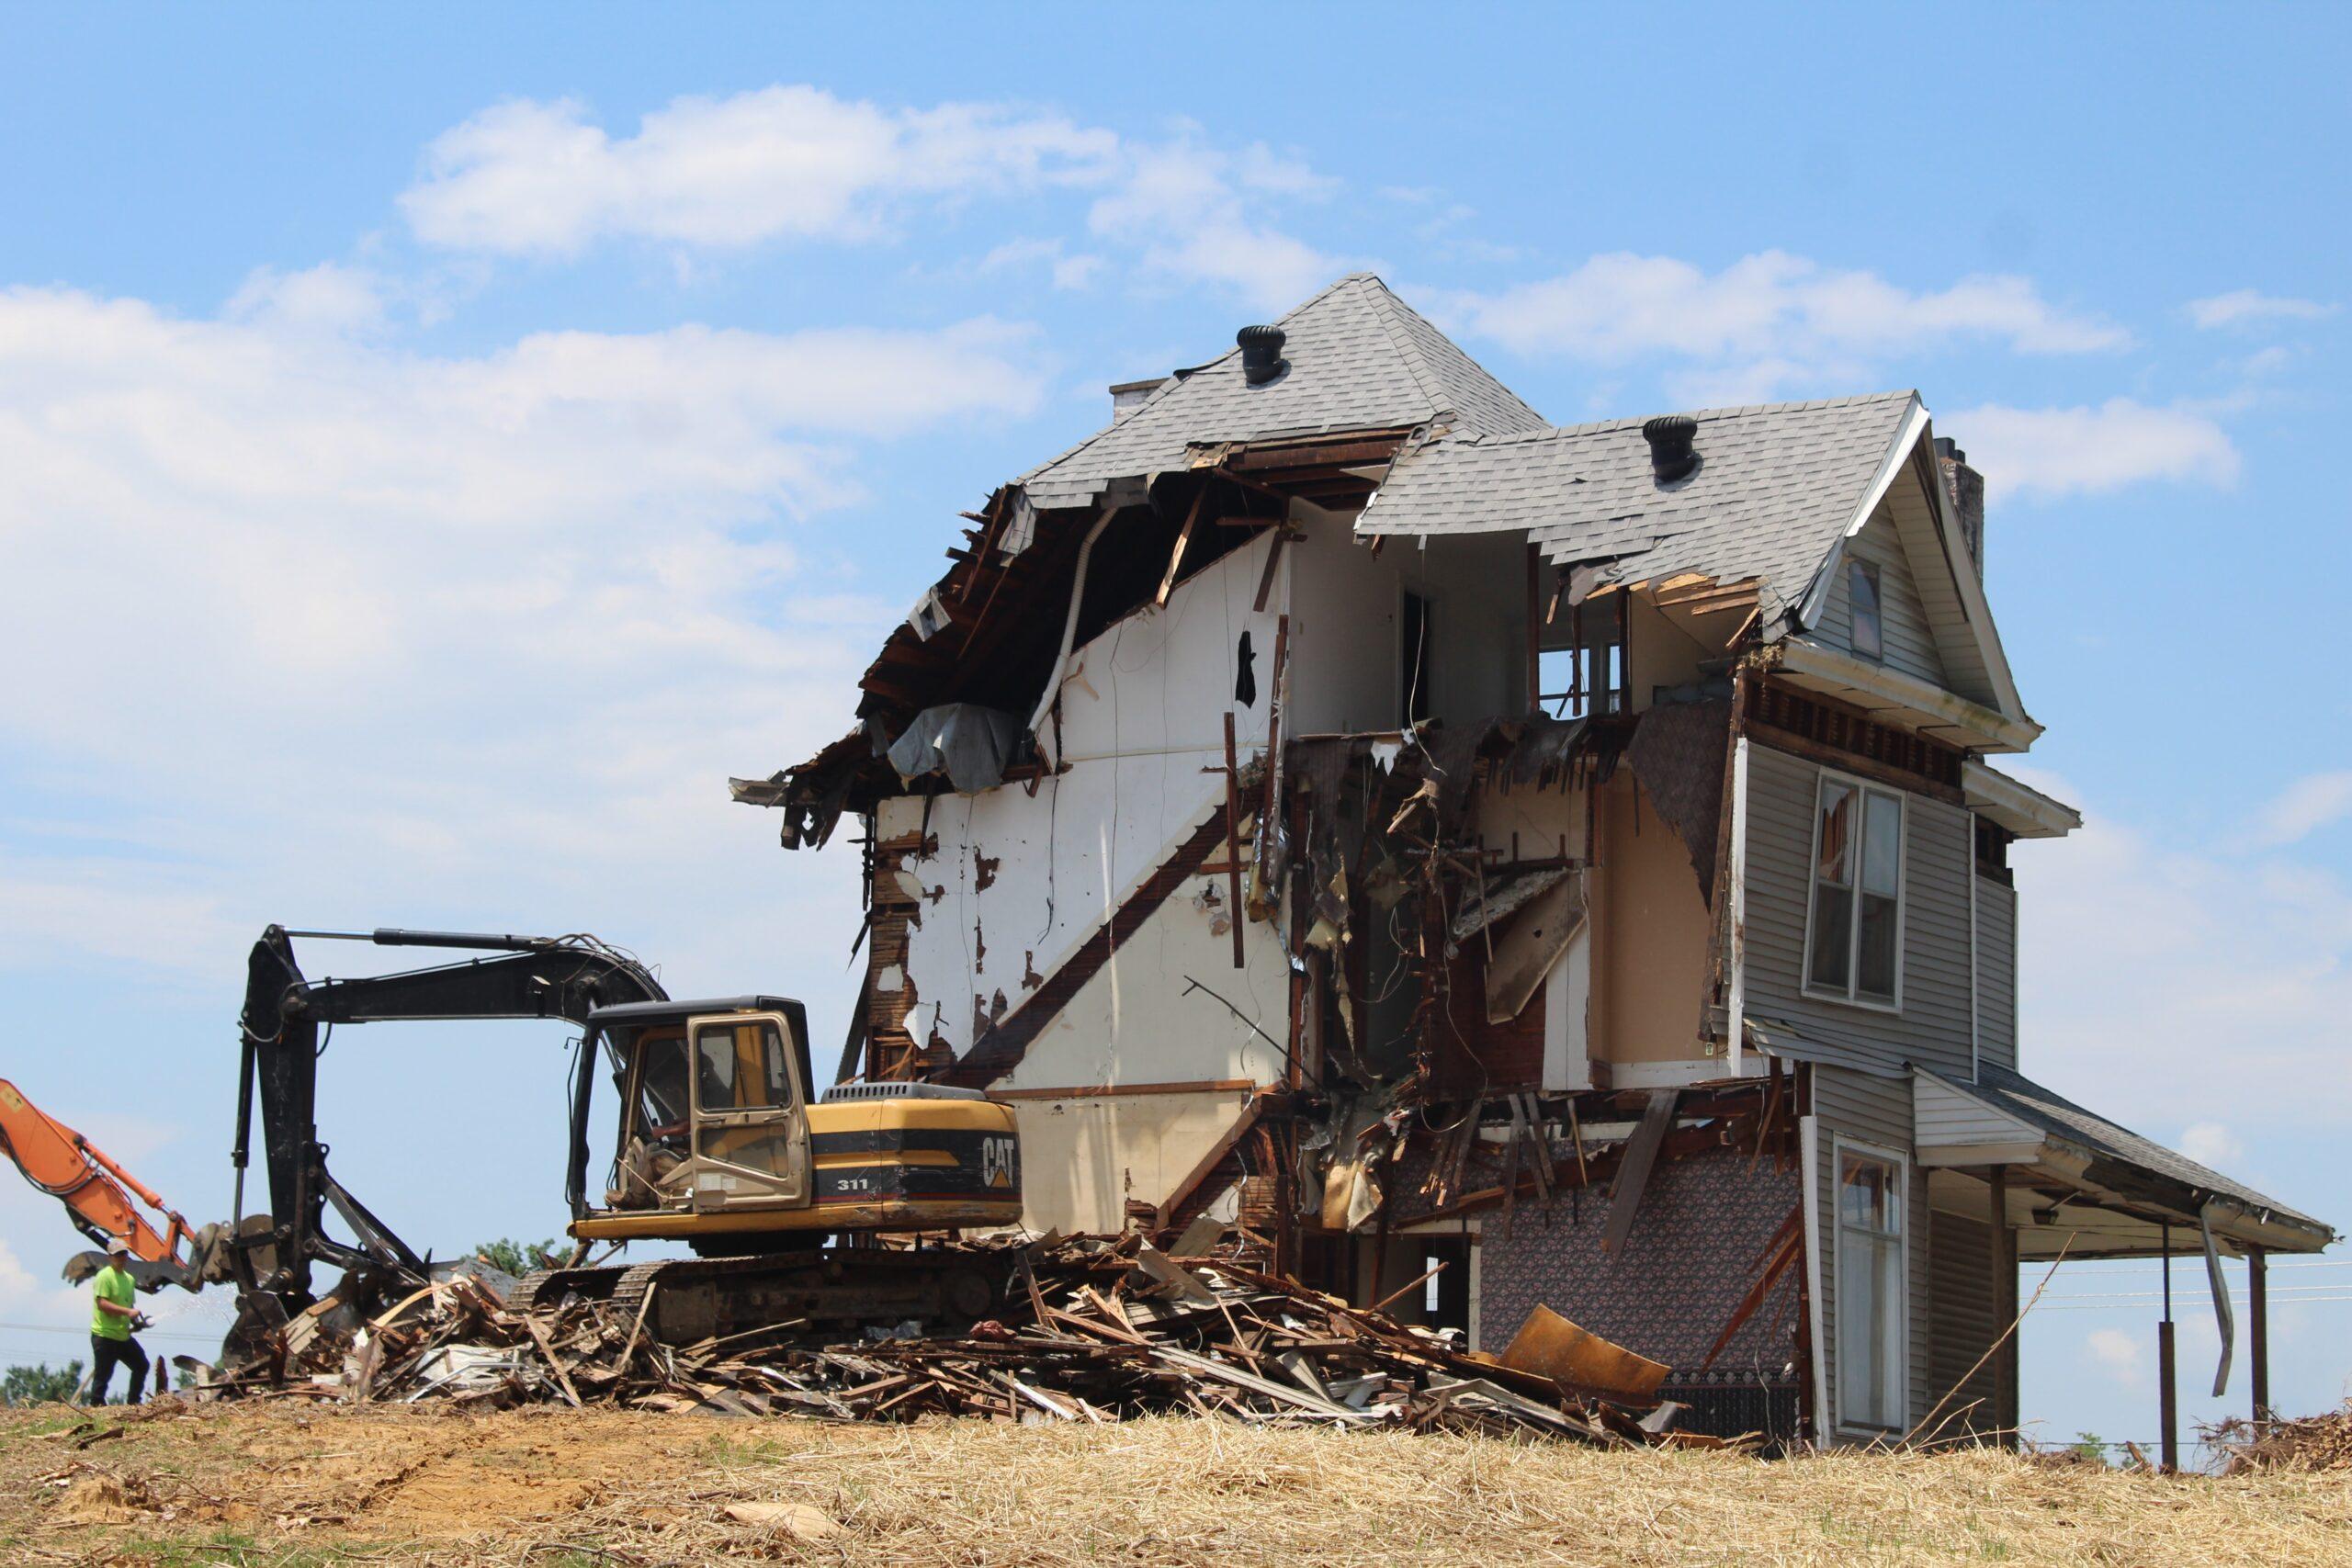 Conheça 3 equipamentos para demolição na construção civil